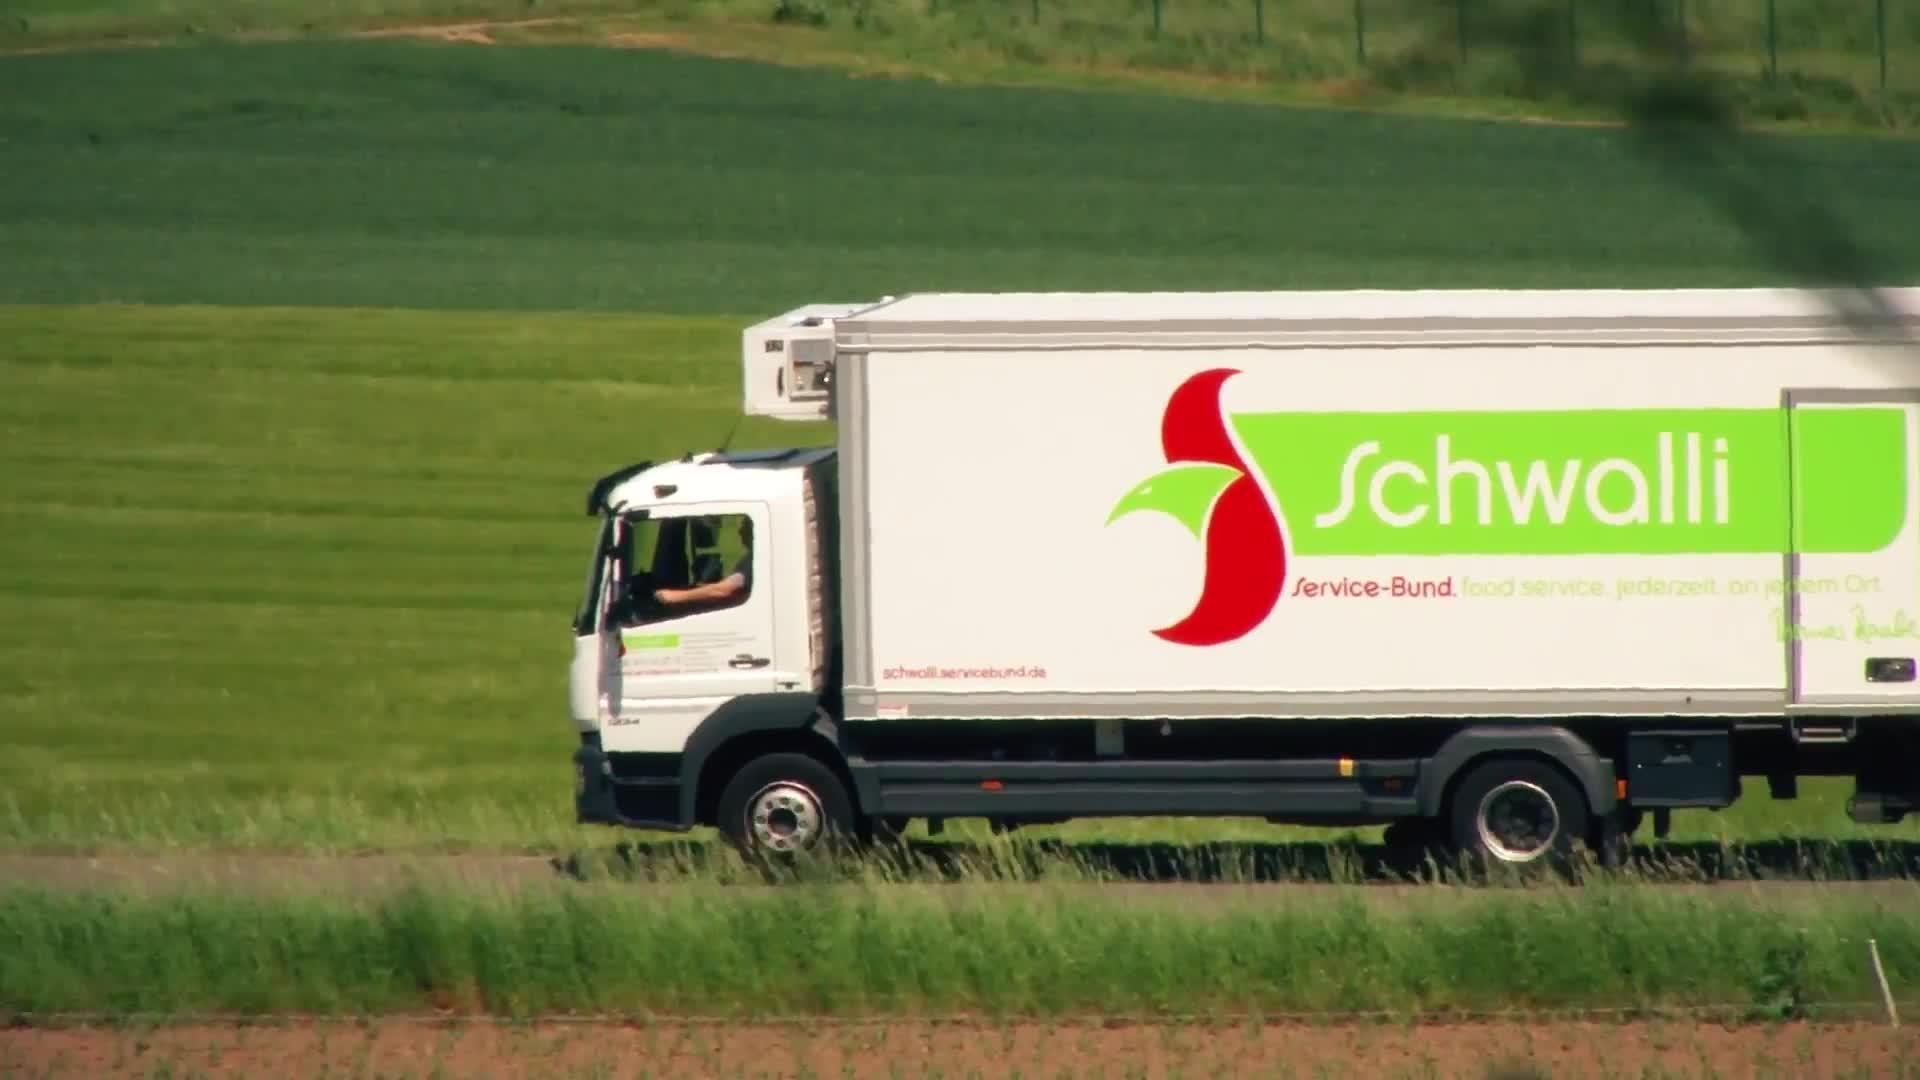 Schwalenstöcker & Ganz GmbH